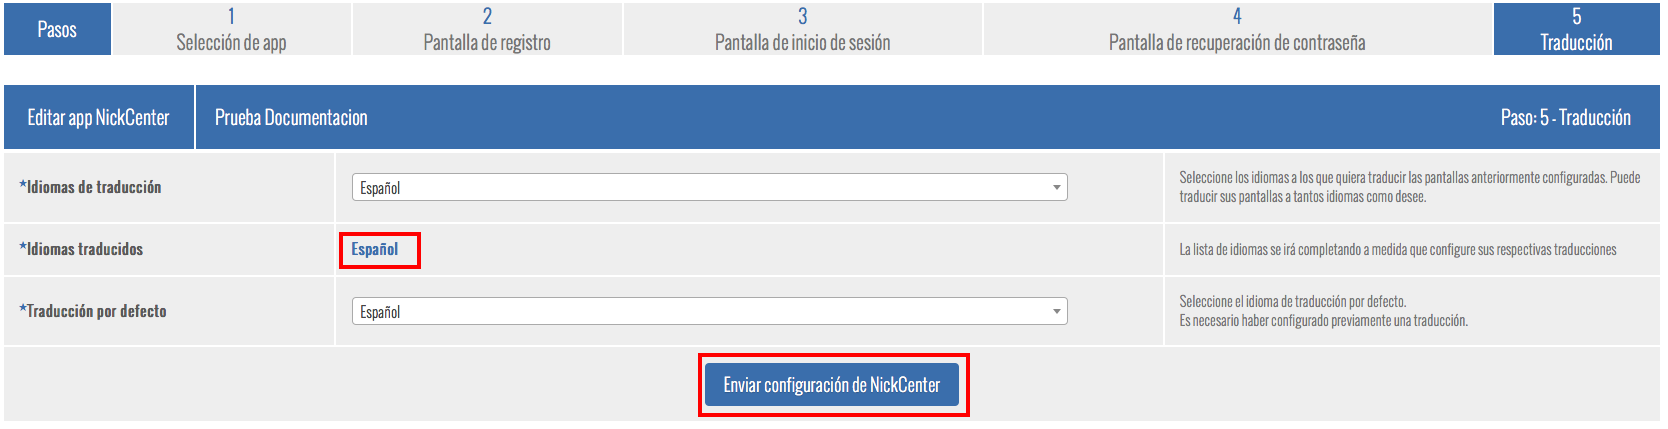 Configurar_app_nc_12.png